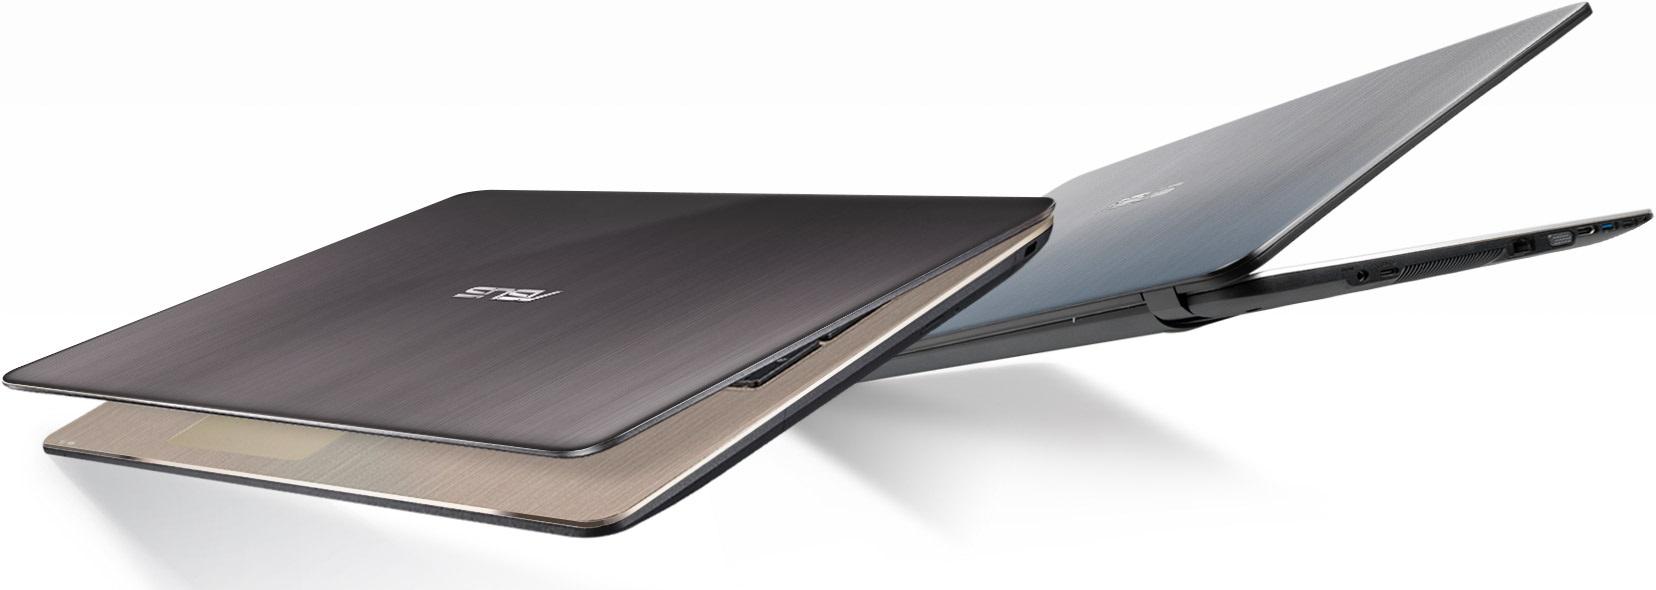 """Descriere Laptop ASUS X540SA-XX004D, 15.6"""" HD, Intel Celeron N3050 pana la 2.16GHz, 4GB, 500GB, gold, free Dos"""